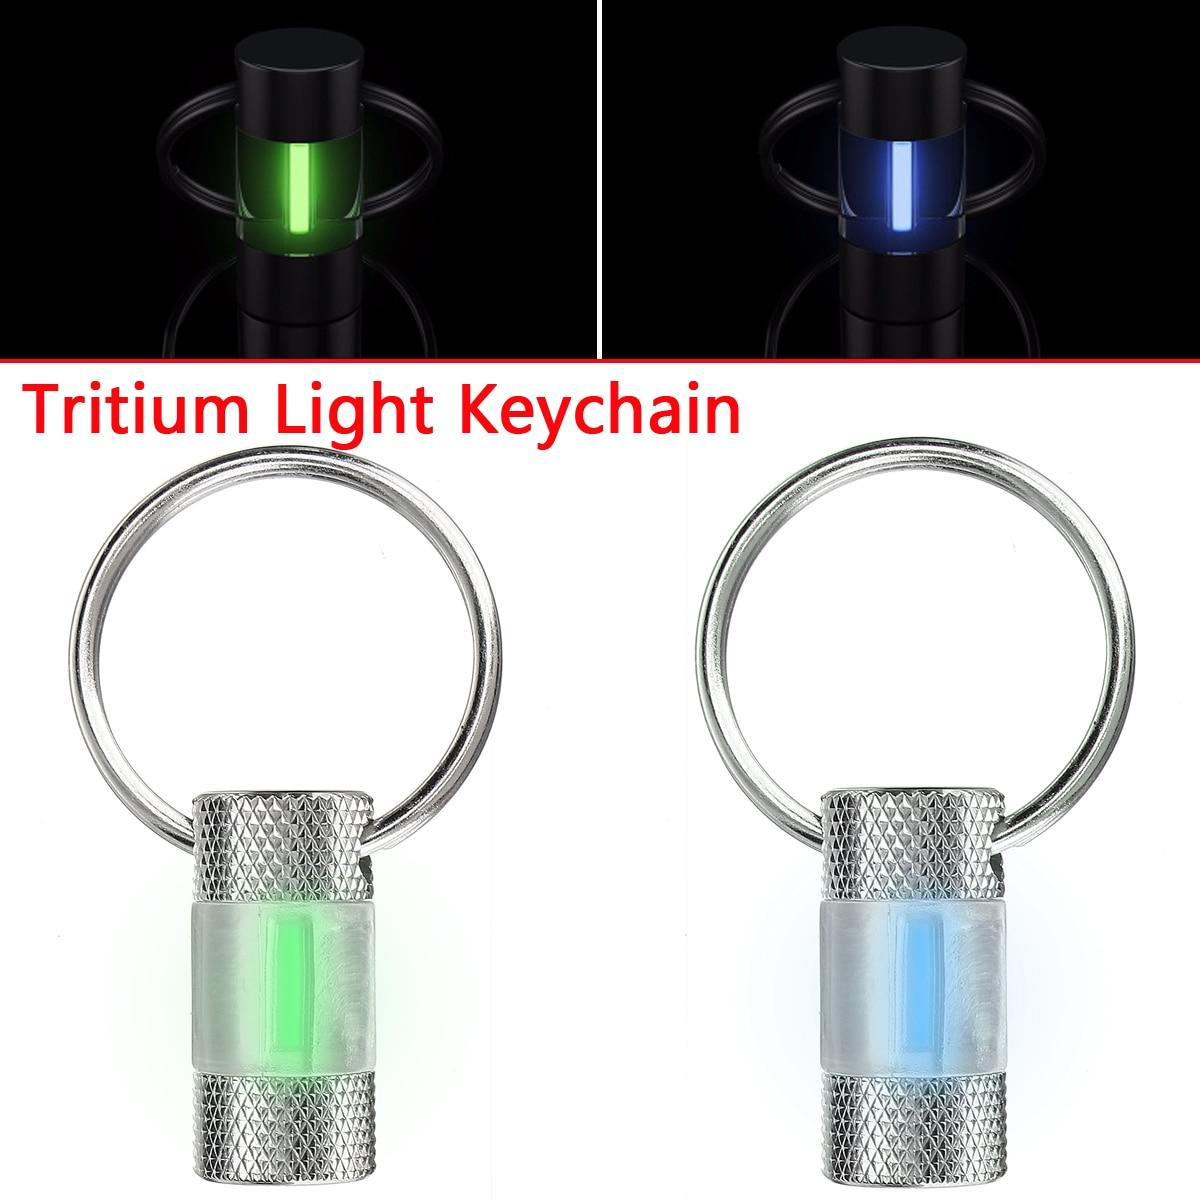 Automatique Lumière 10 Ans Tritium Trousseau Clé Anneau Tube Fluorescent pour En Plein Air De Sauvetage D'urgence Lumières